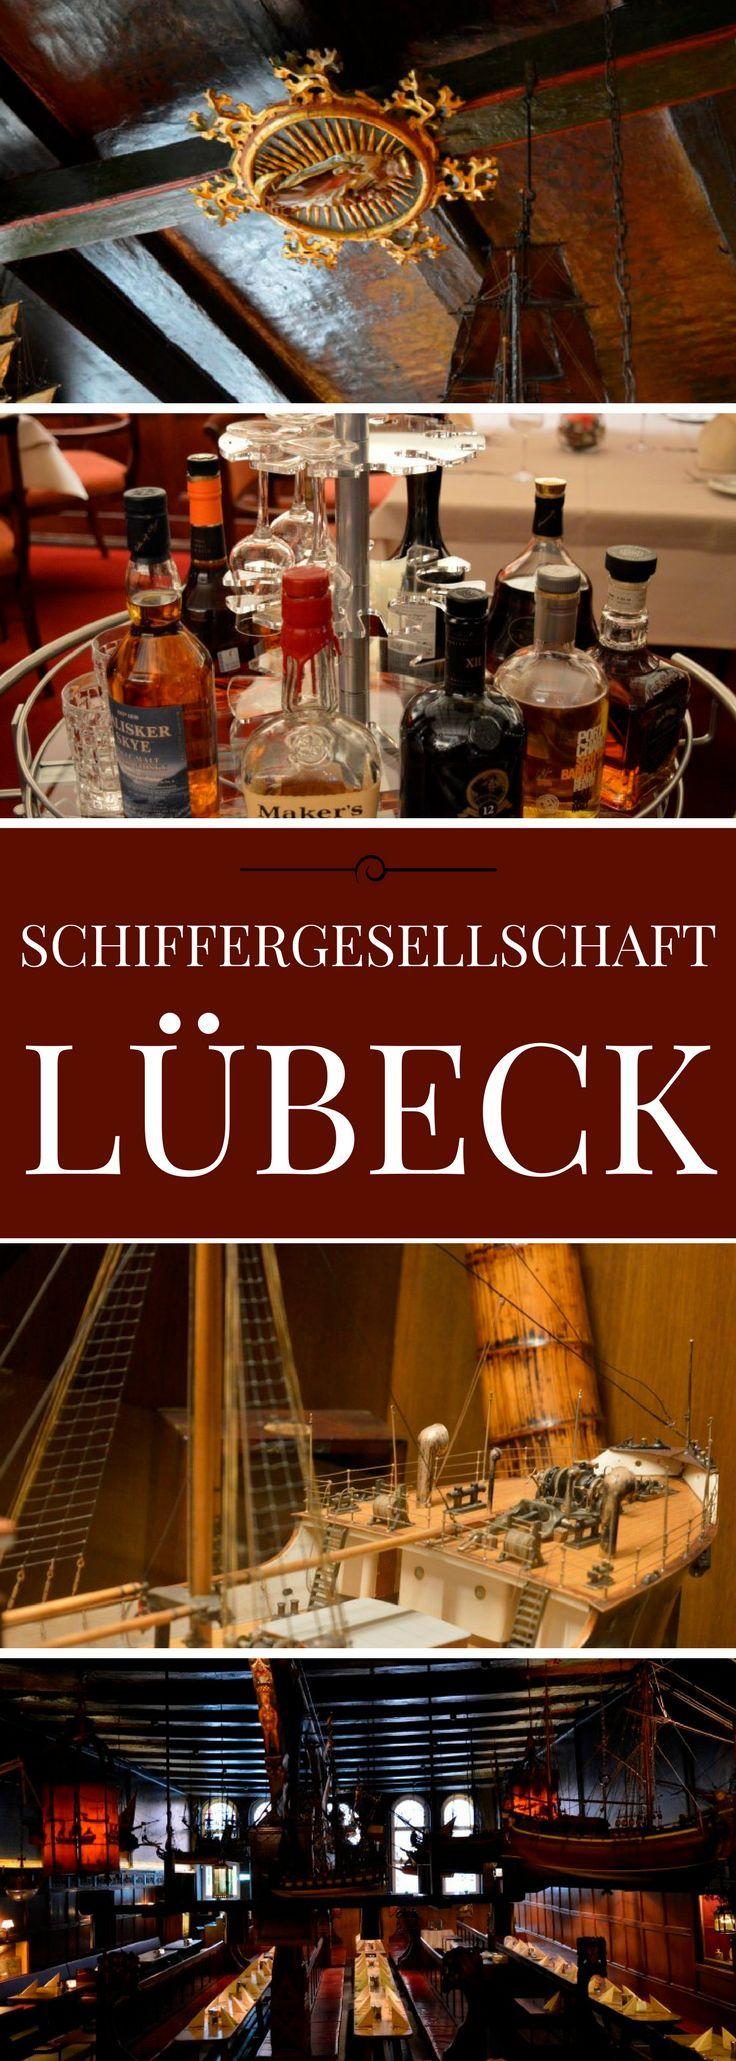 Schiffergesellschaft Lübeck! Lecker essen in historischem Ambiente im Herzen der Lübecker Altstadt.